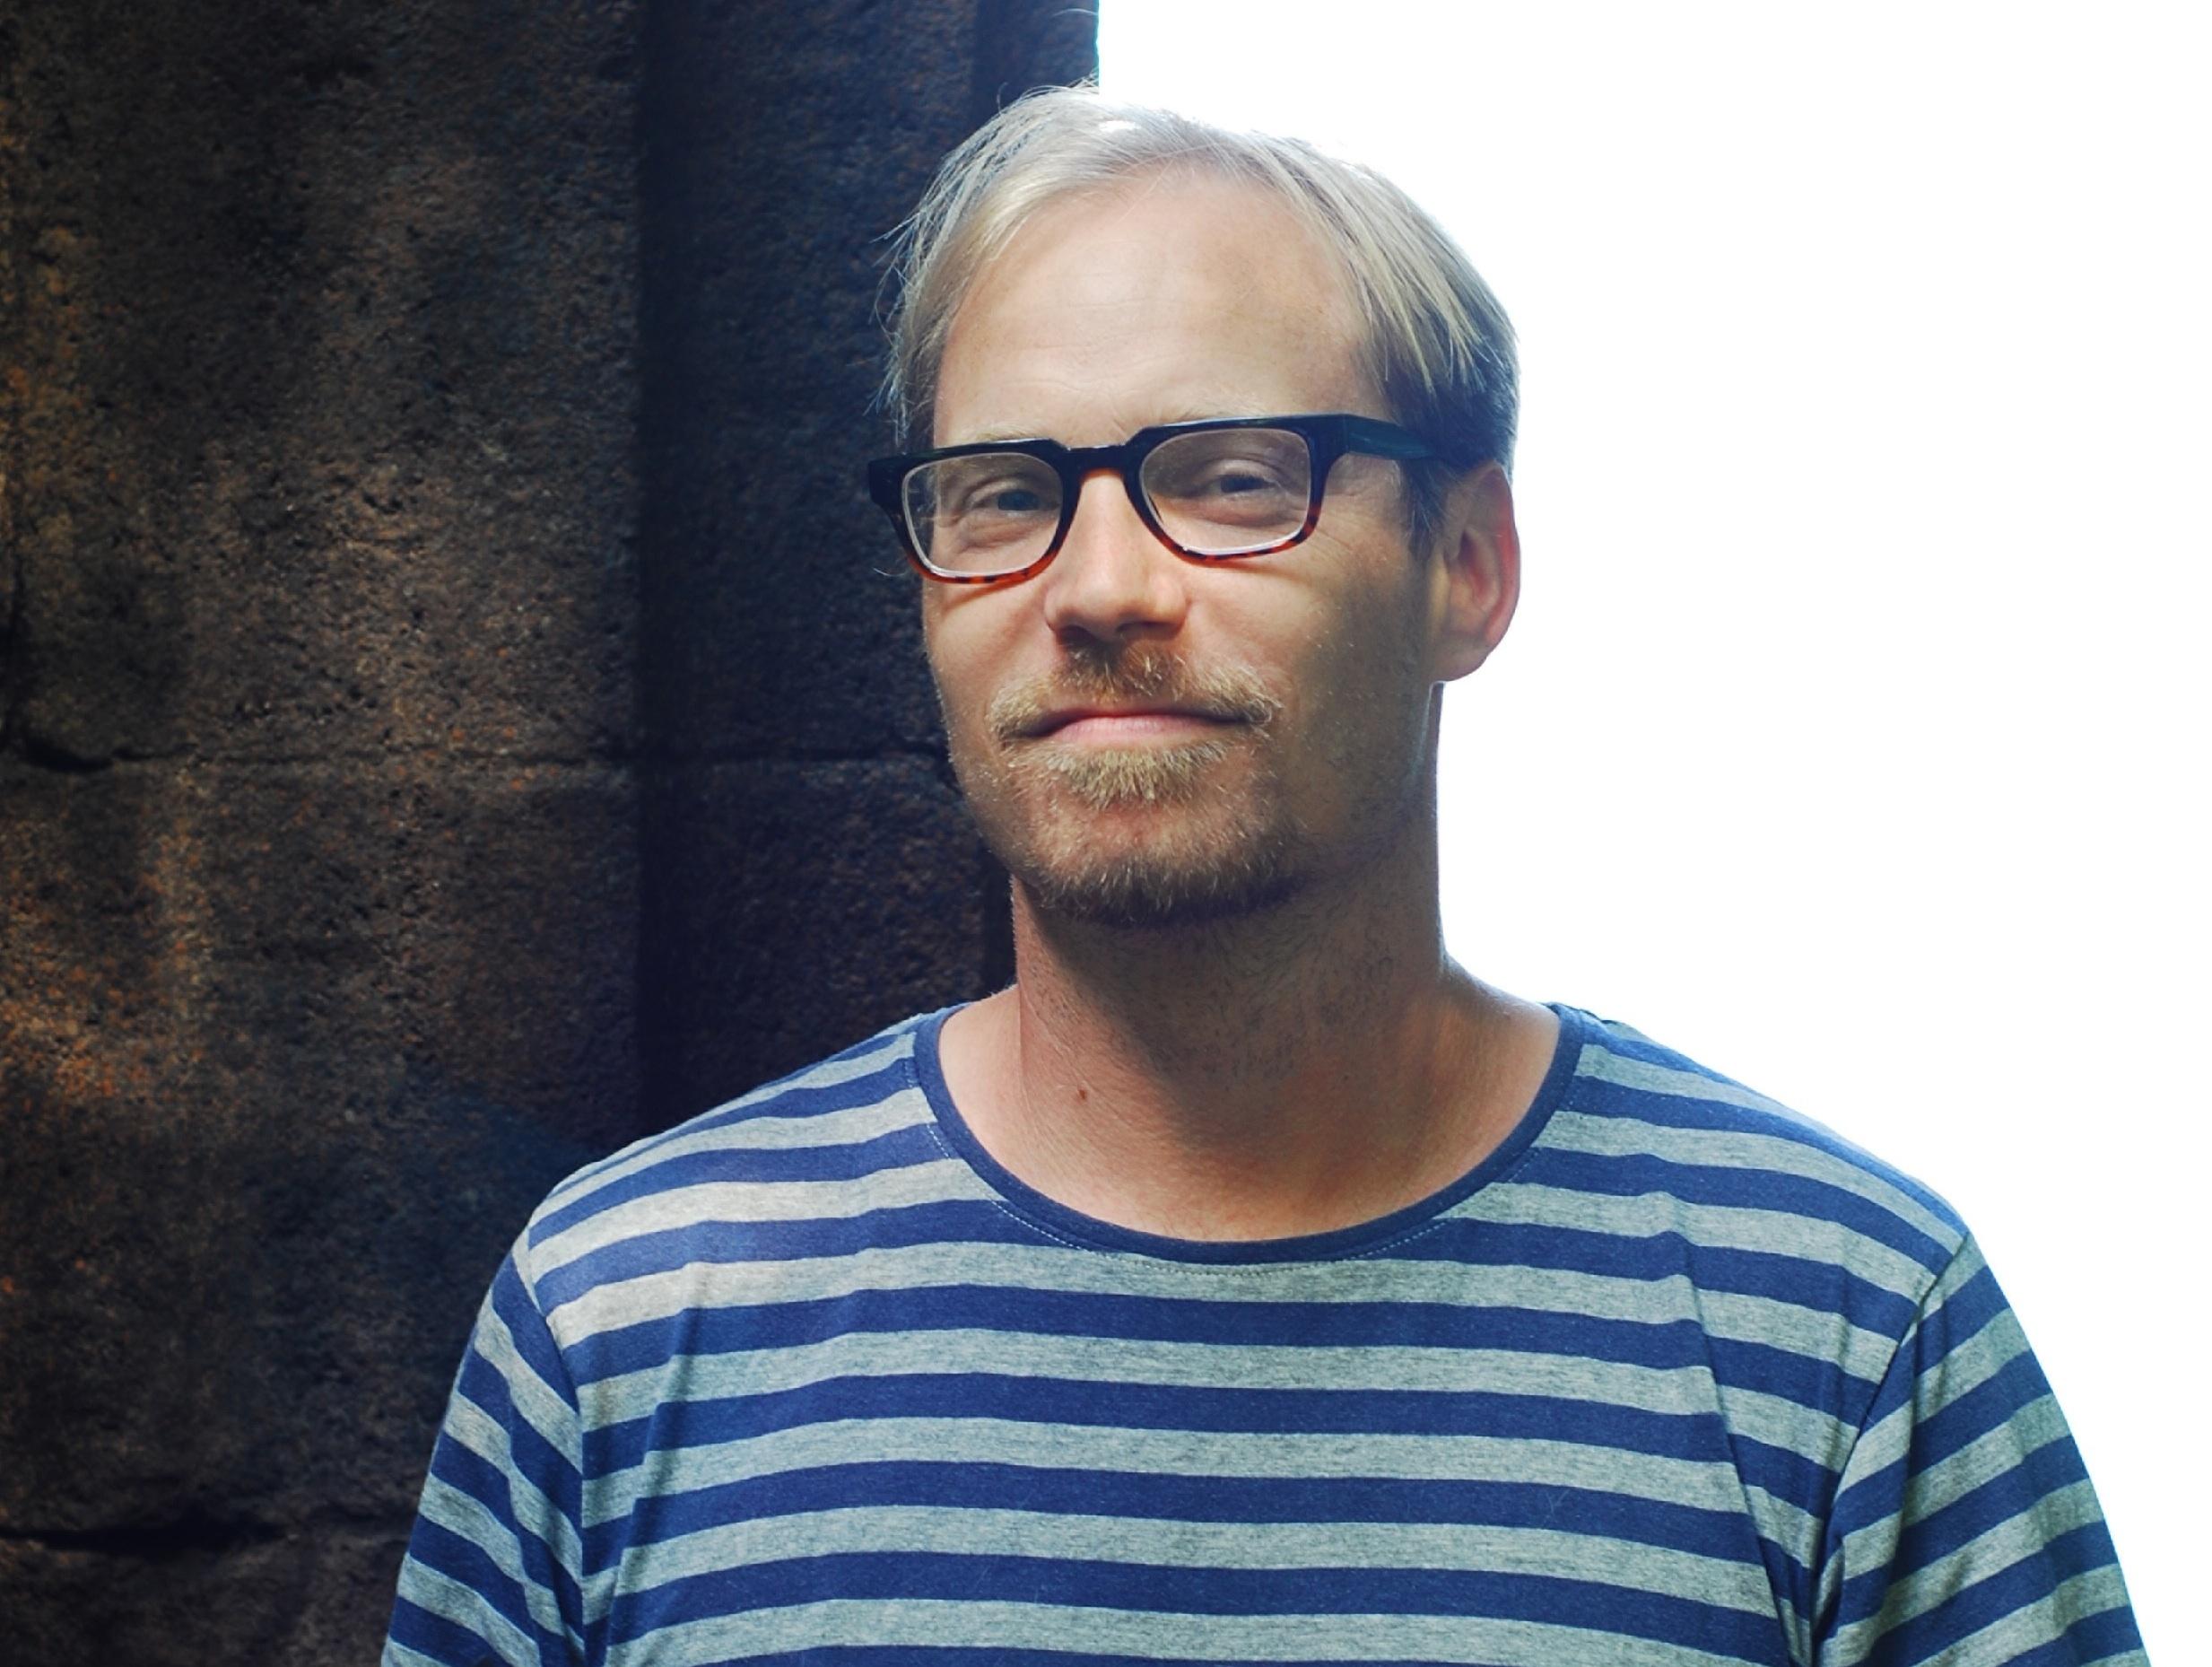 Allan Lillelund Andersen